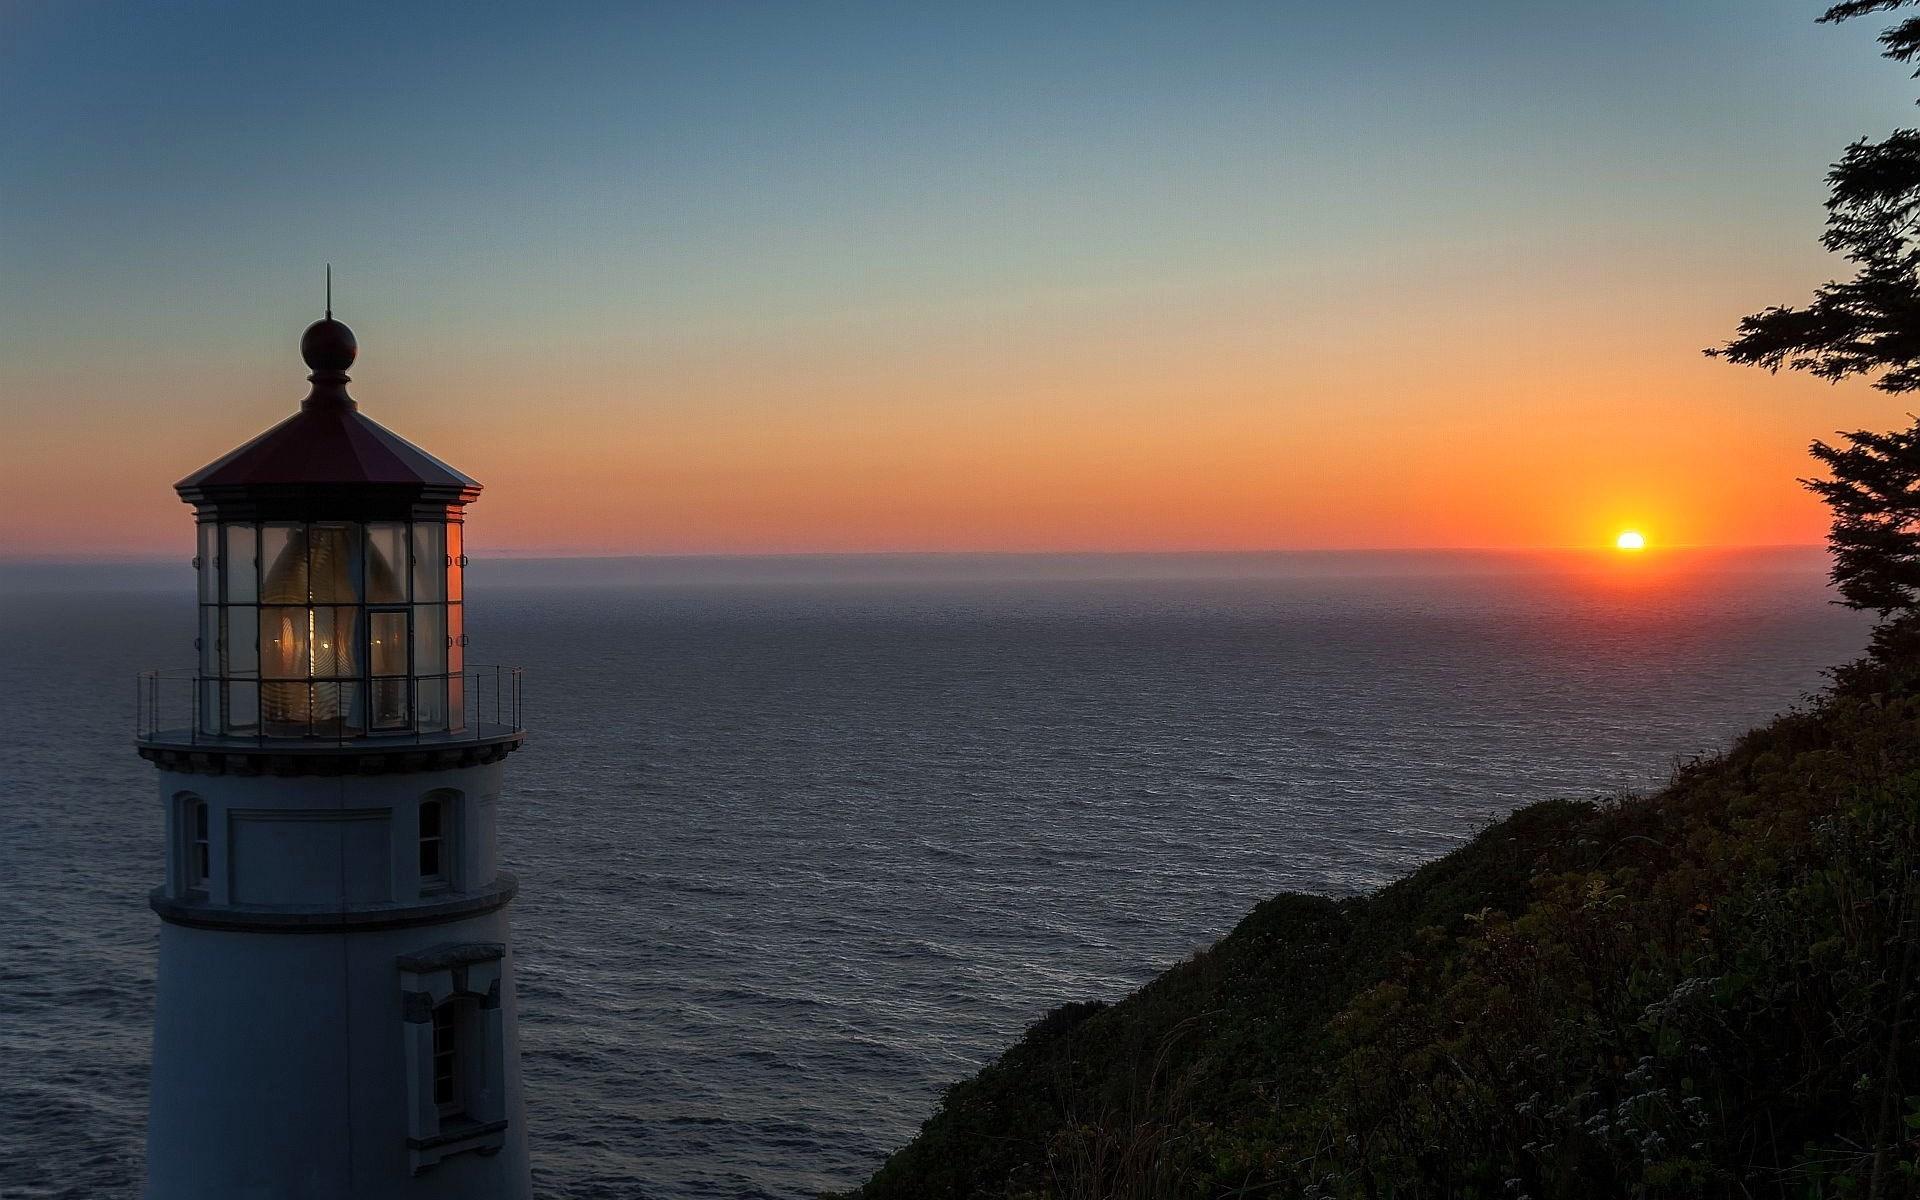 маяк небо море дом  № 3968890 бесплатно